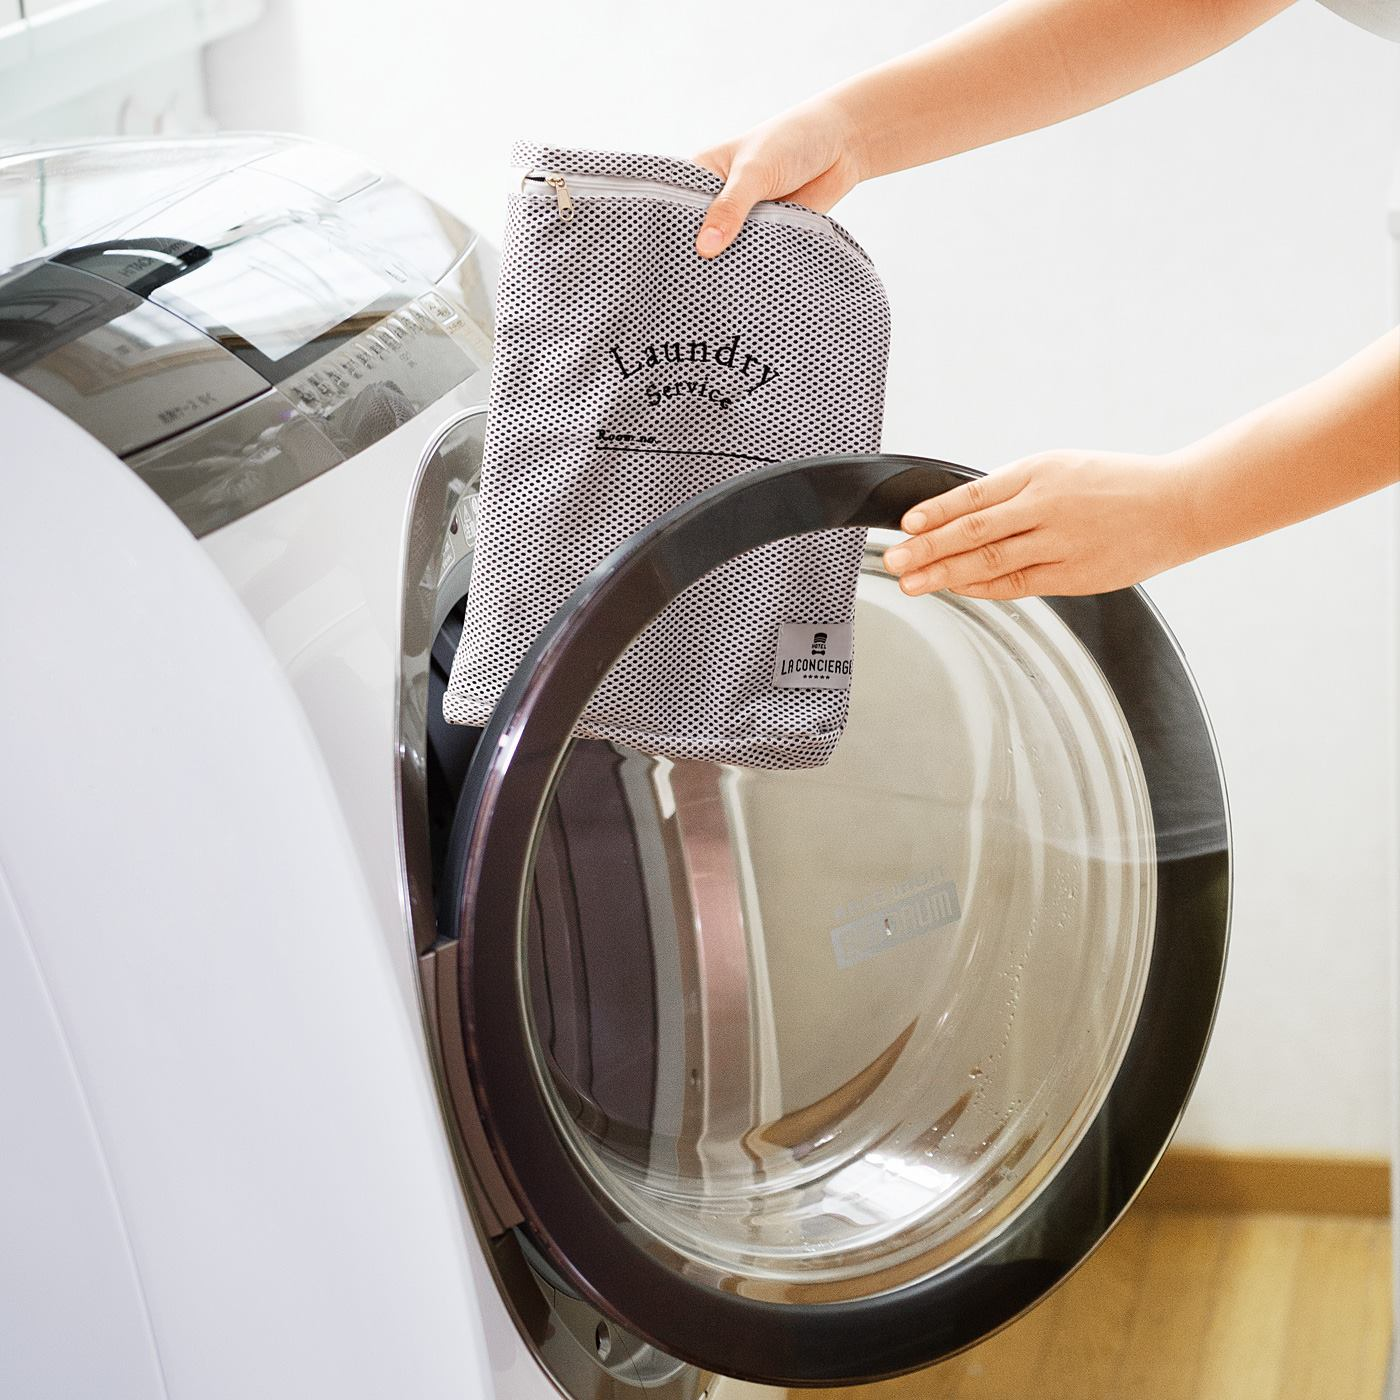 帰宅後は、そのまま洗濯機へポン!